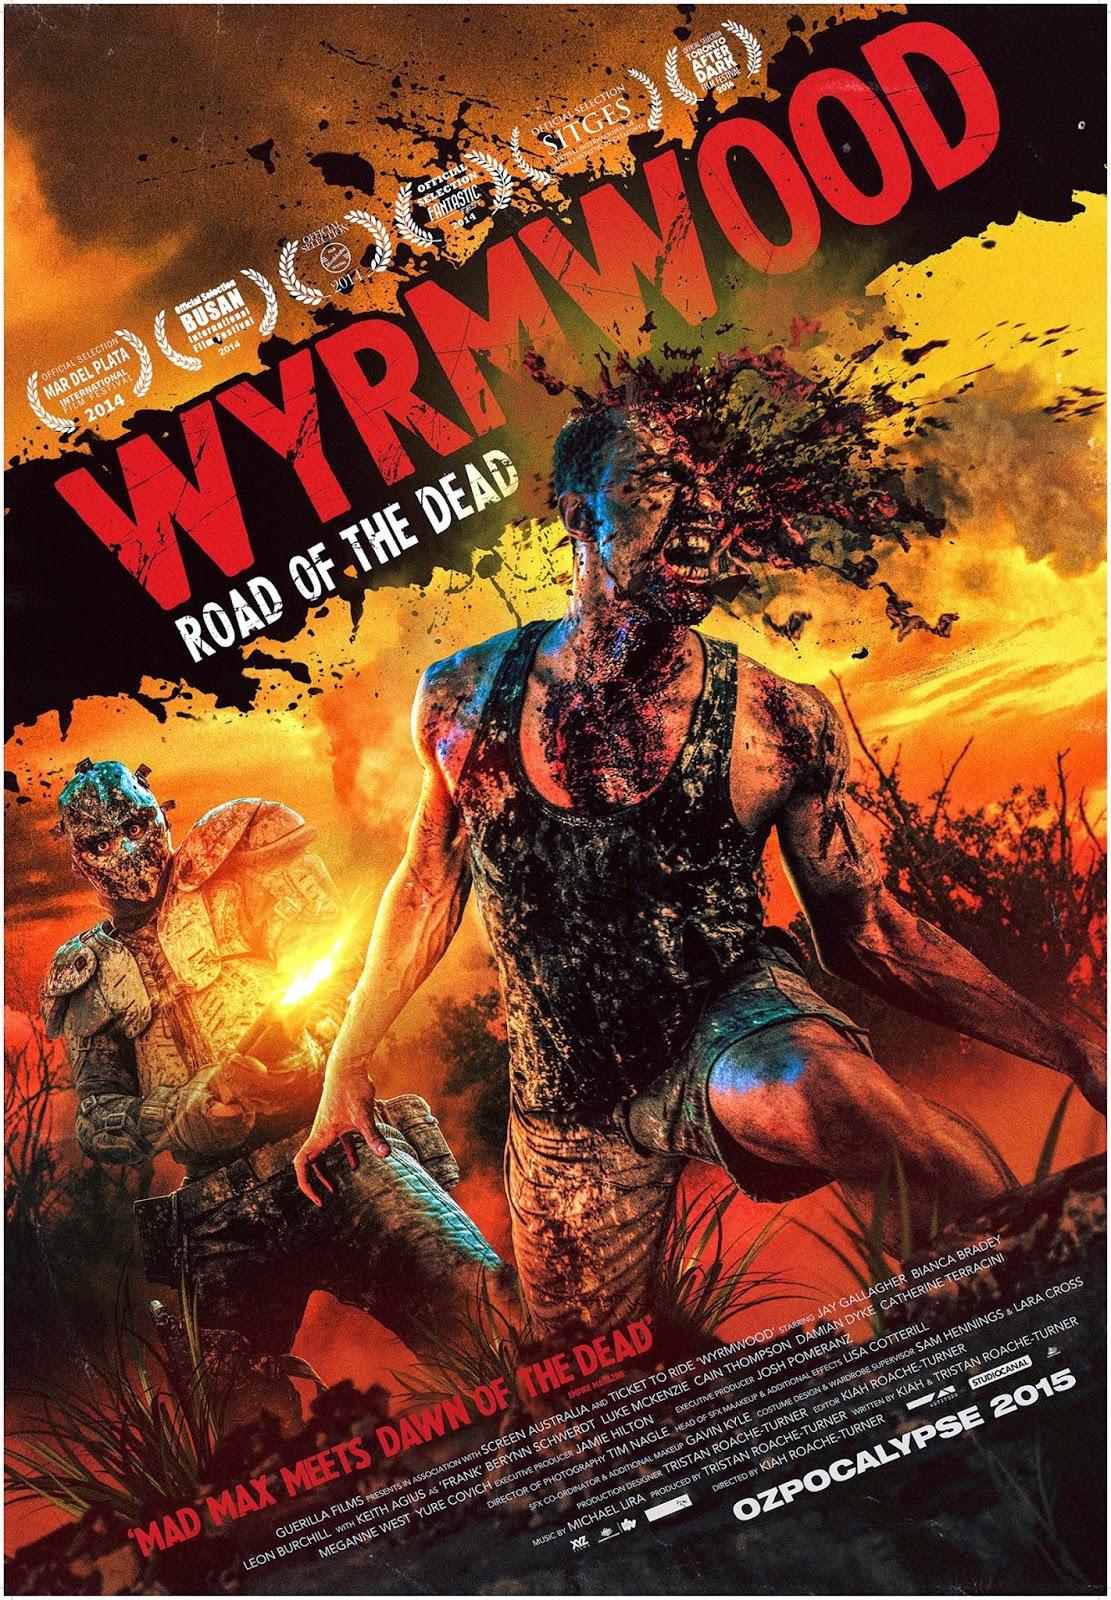 Wyrmwood road of the dead an australian zombie film that is